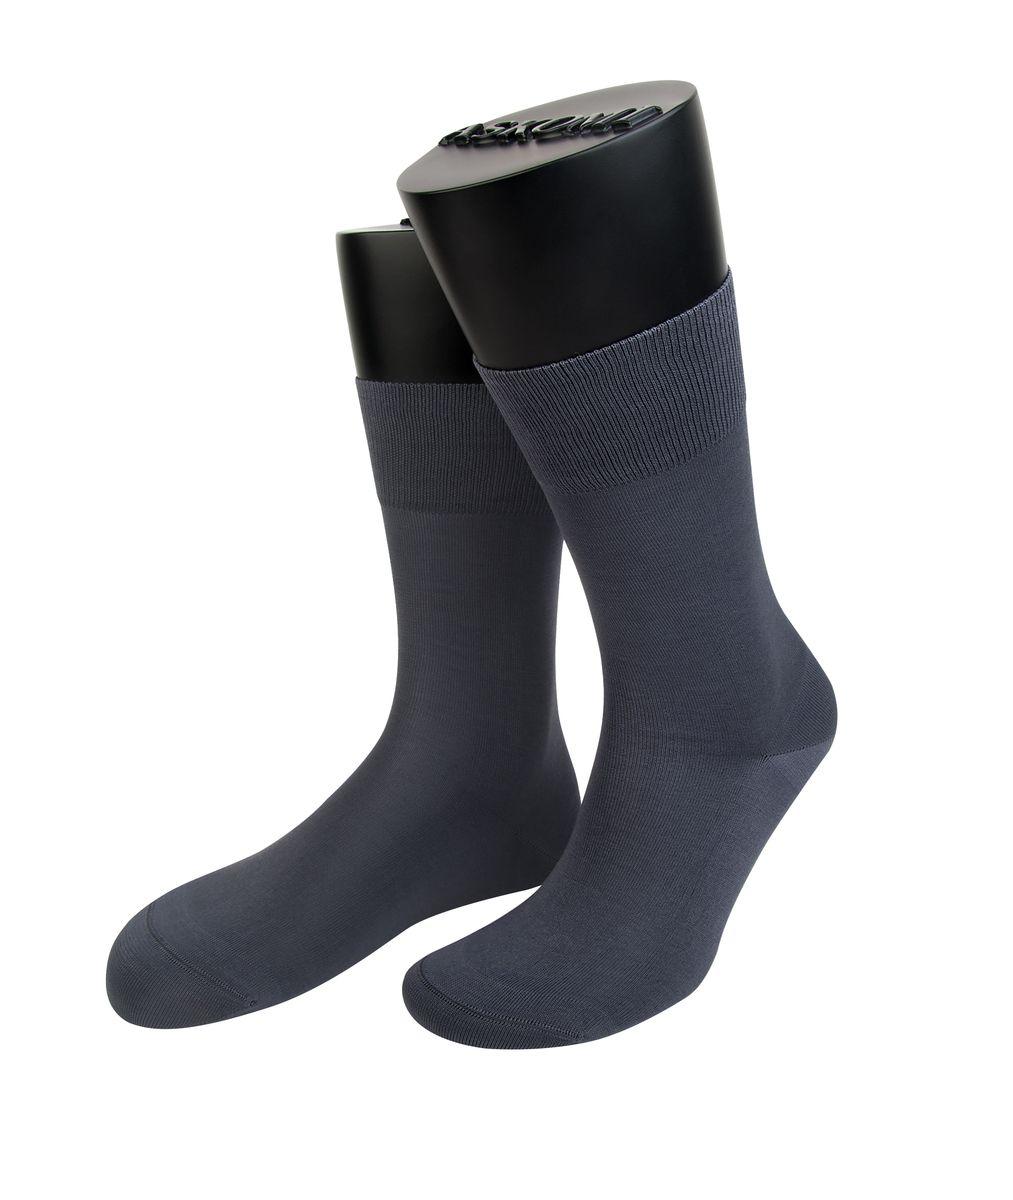 Носки мужские. АМ-7150АМ-7150_8101Использована двойная плотная нить , благодаря чему носок приобретает эластичность без добавления синтетических нитей, укрепление мыска и пятки для идеальной прочности, кеттельный шов не ощутим для ноги, двойной борт для плотной фиксации без пережатия сосудов.